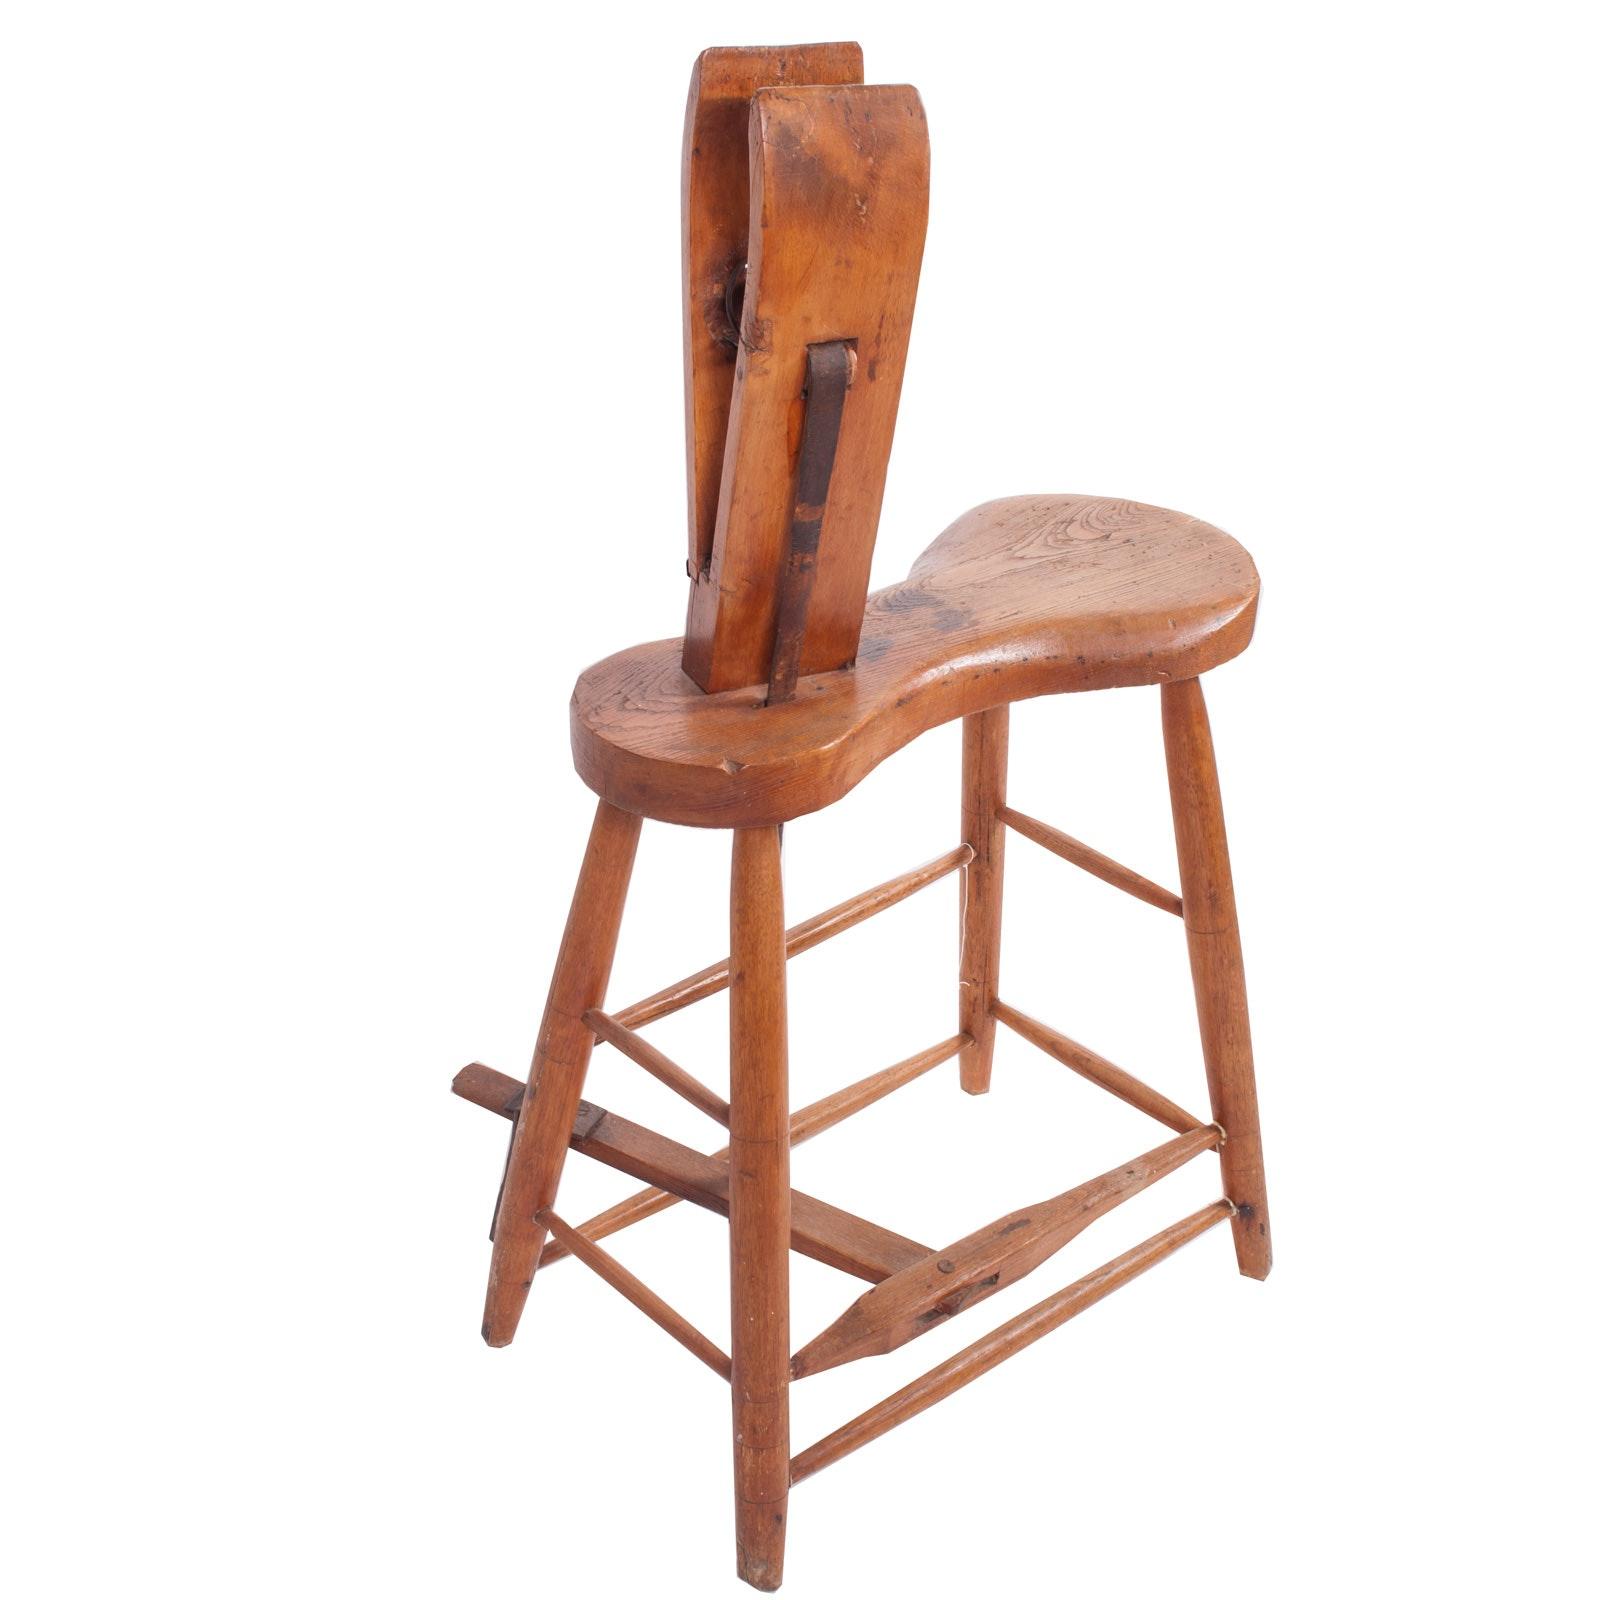 Antique Wood Saddle Maker